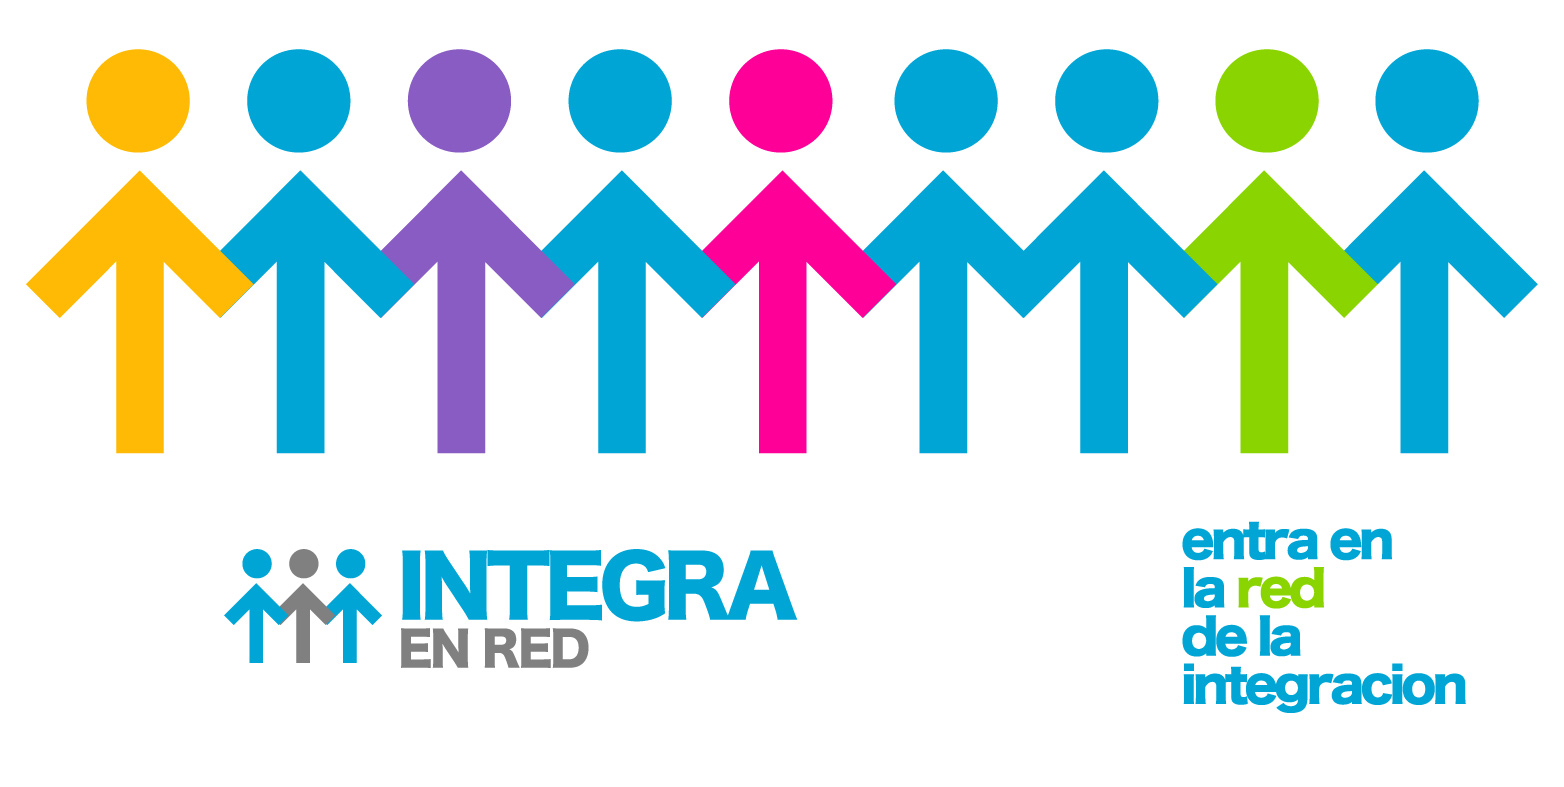 Nuevas acciones Integra en red: capacitación TIC inclusiva para personas con diversidad funcional